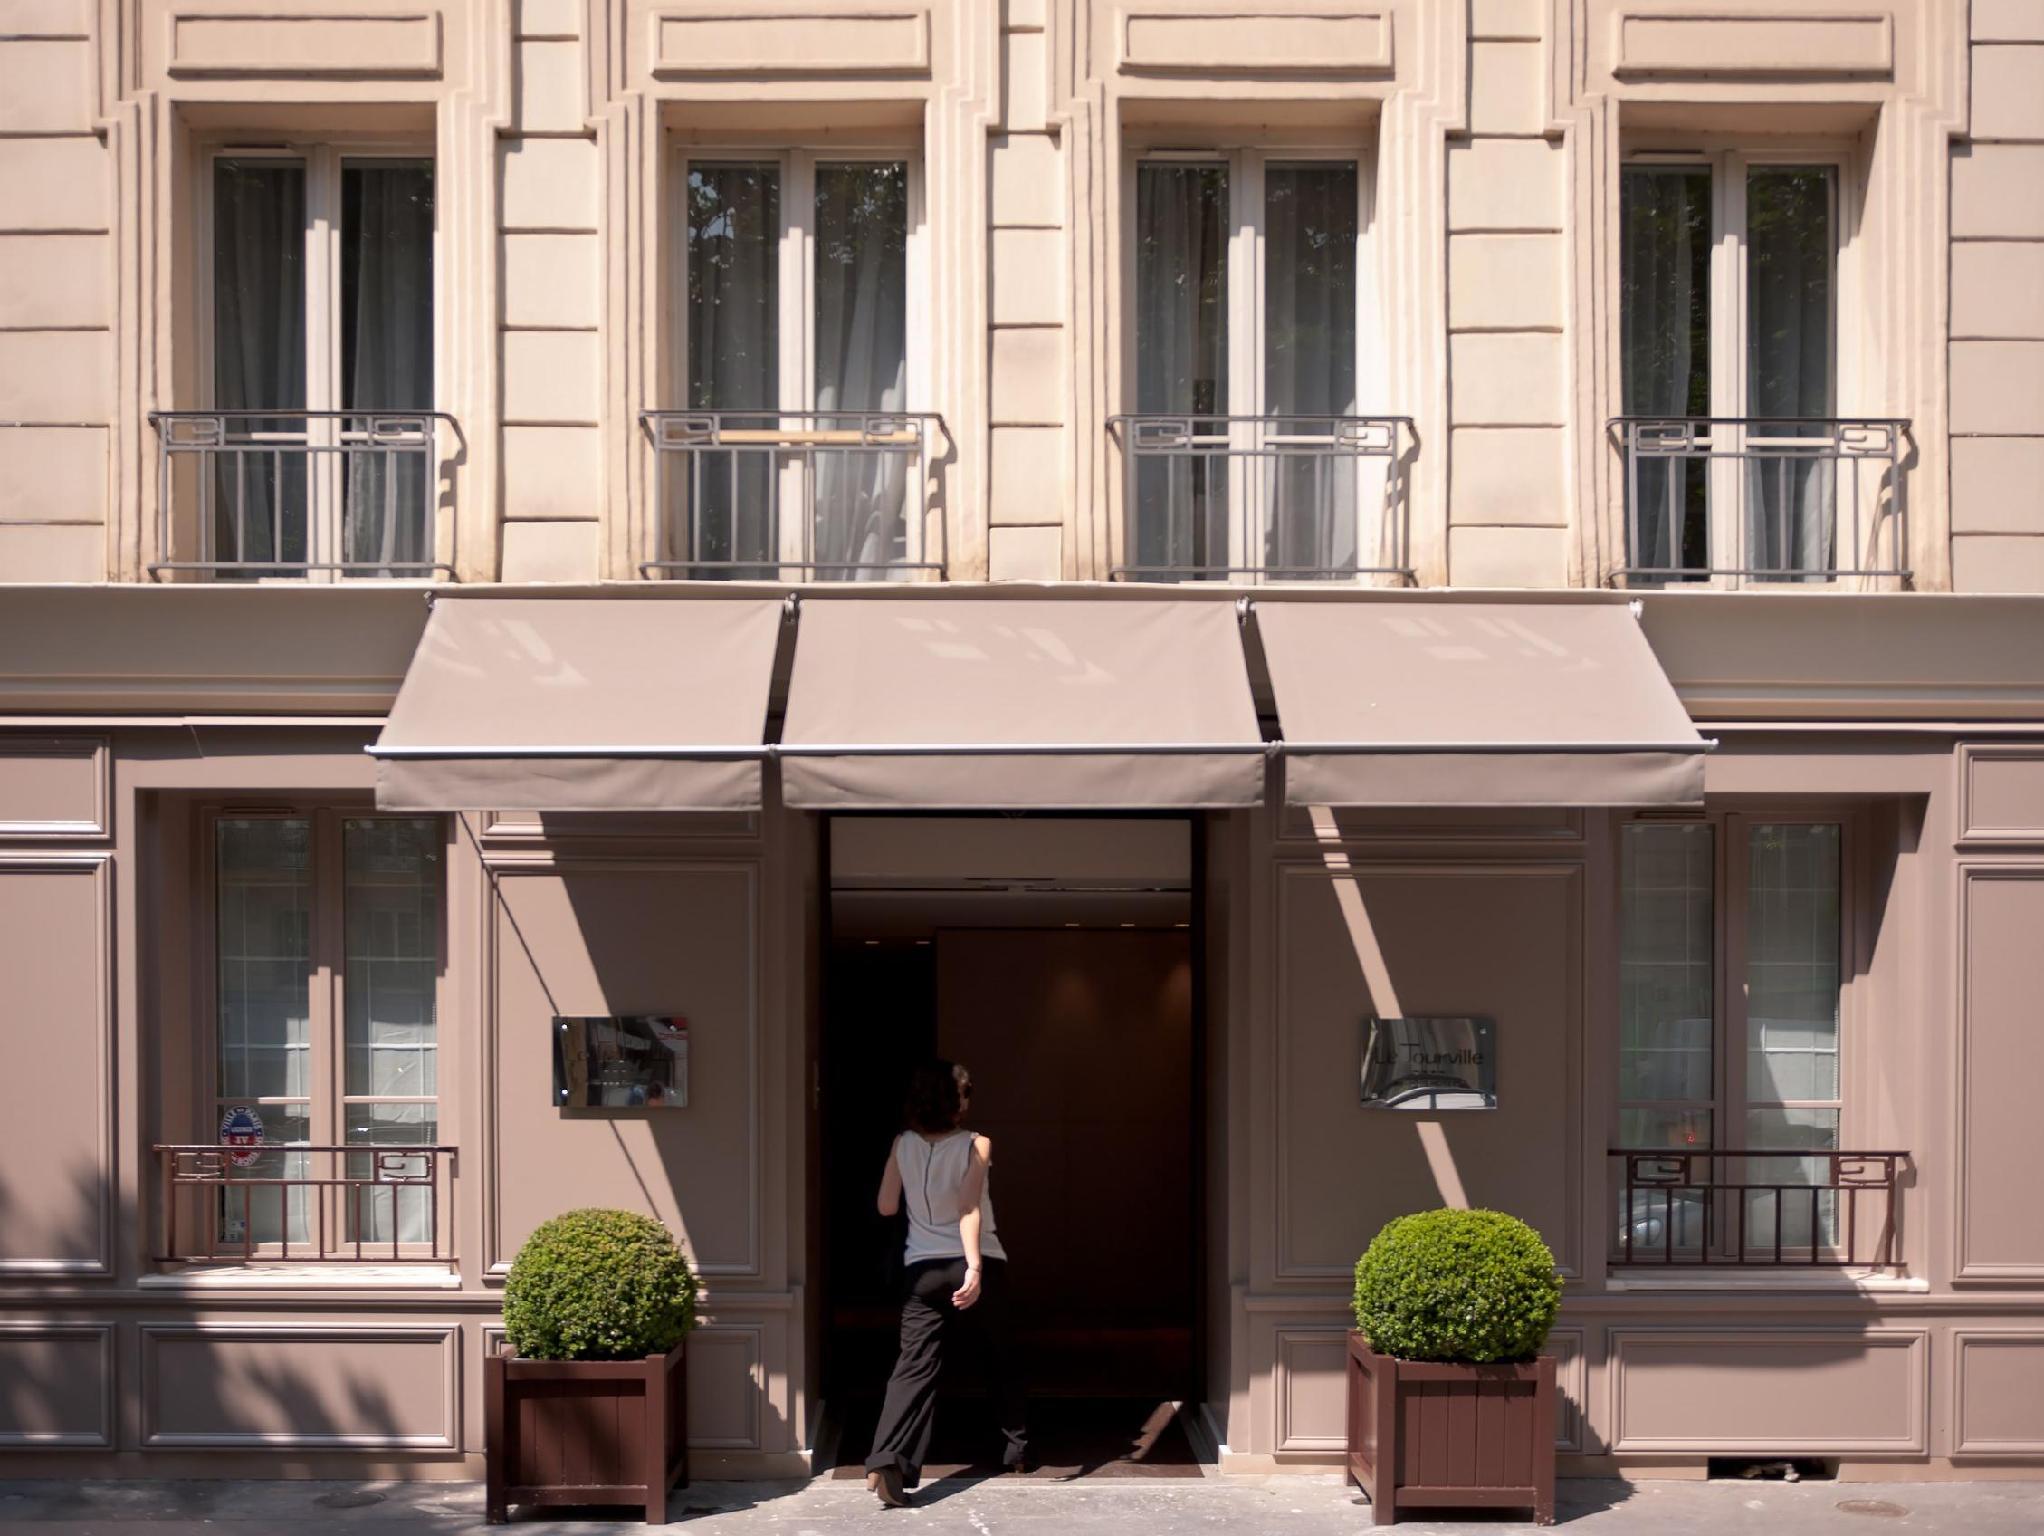 Hotel Le Tourville Eiffel